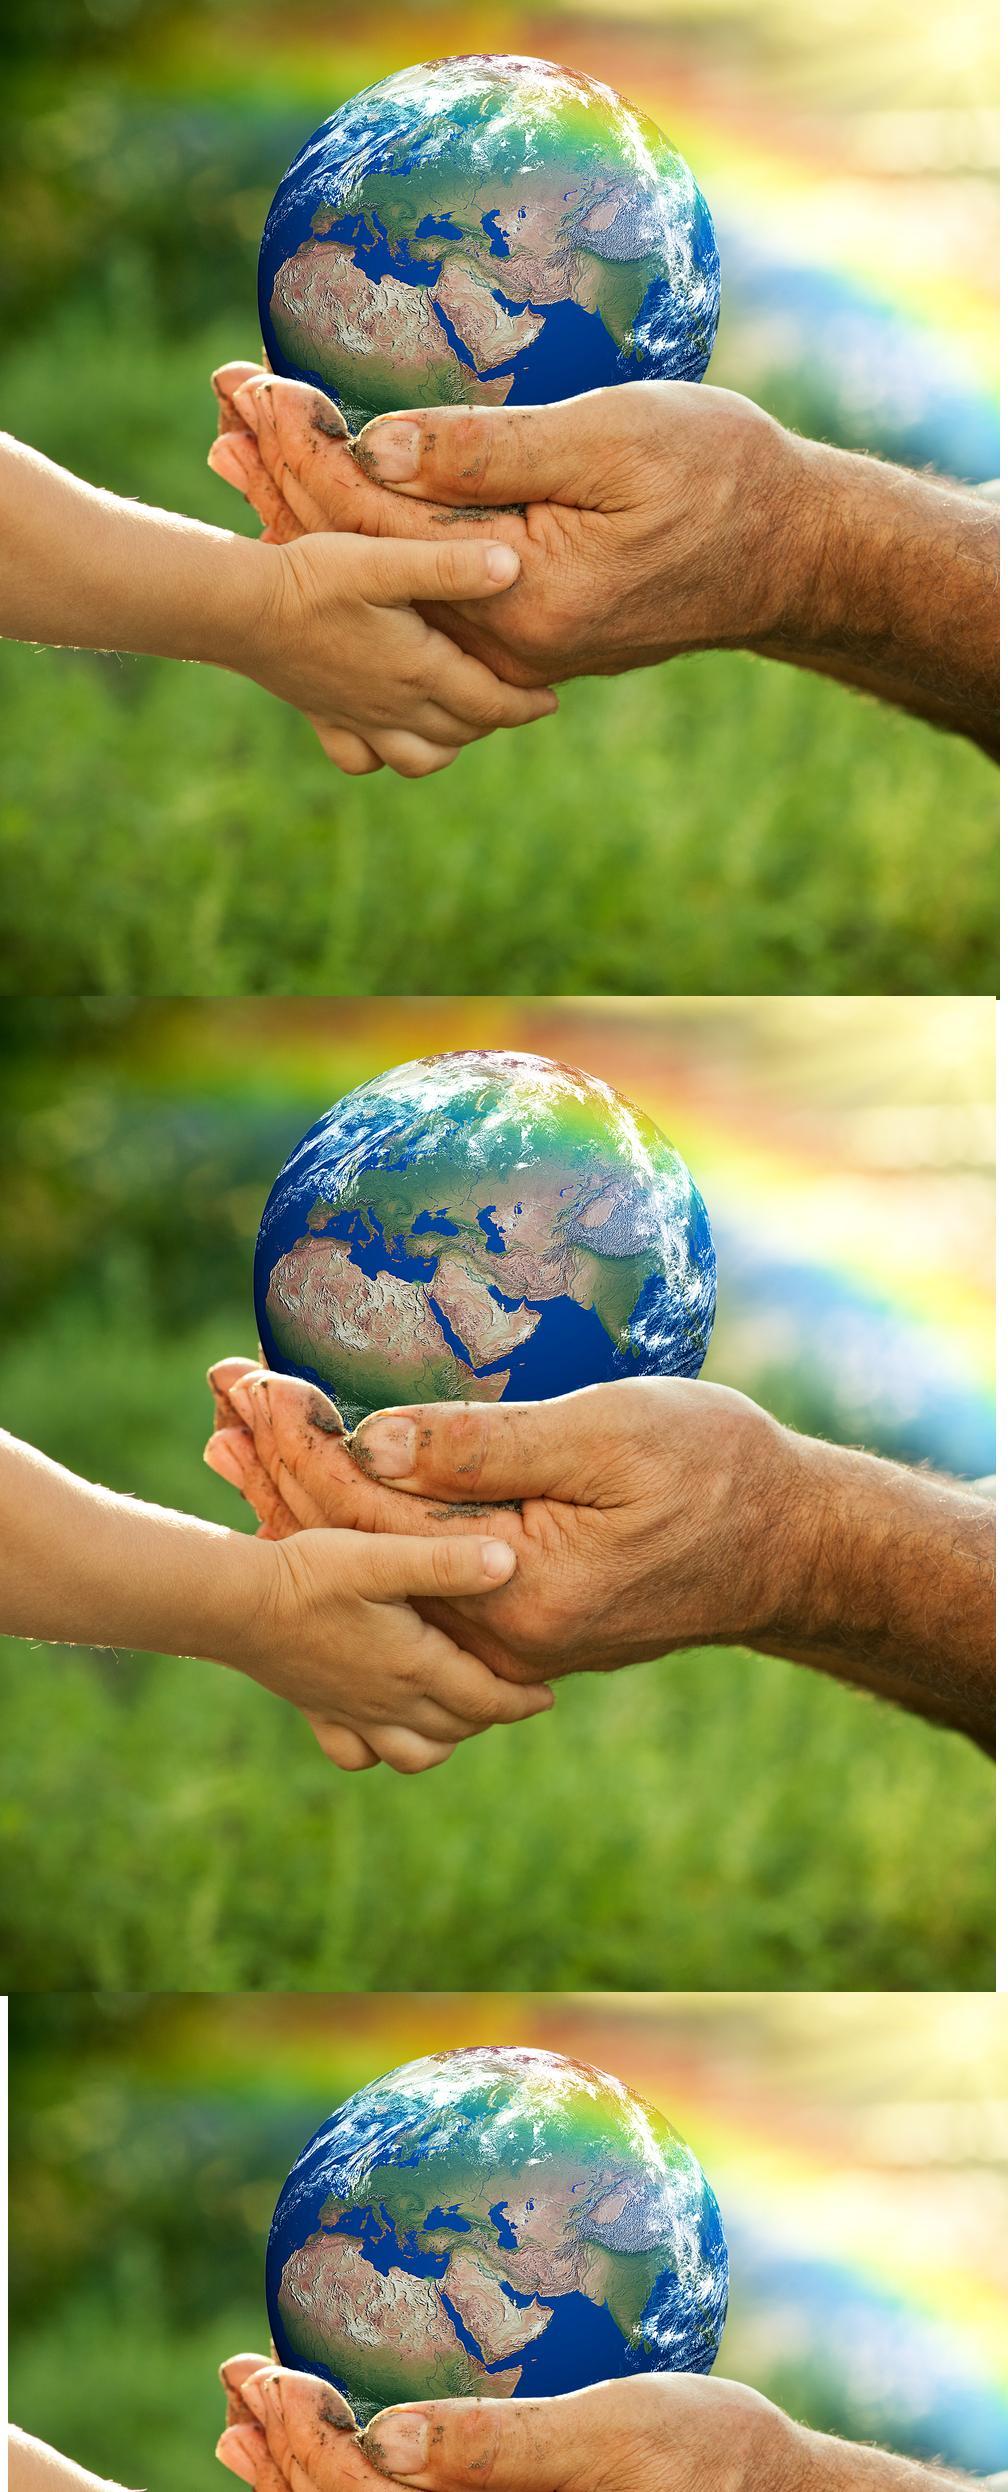 Προγράμματα Διαχείρισης και Ανάπτυξης Περιβάλλοντος